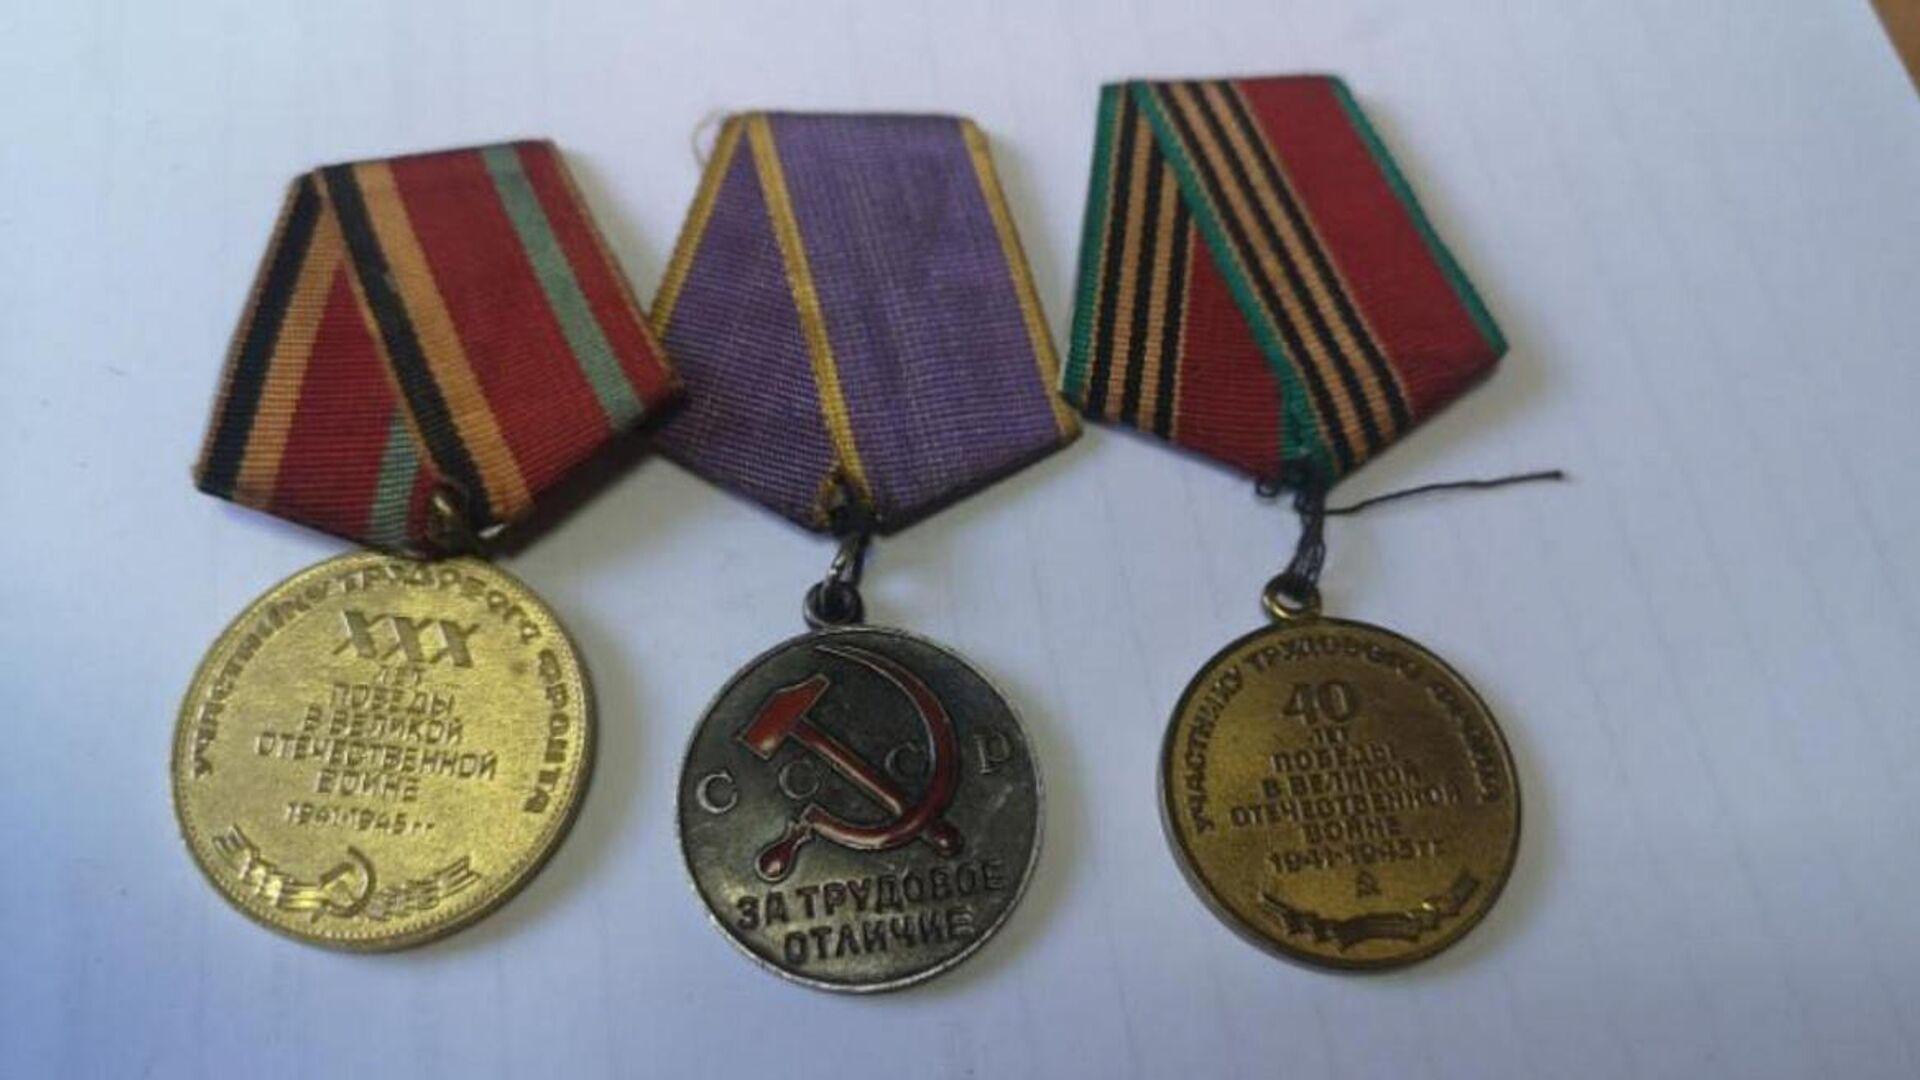 Украденные медали жительницы Омской области - РИА Новости, 1920, 26.02.2021